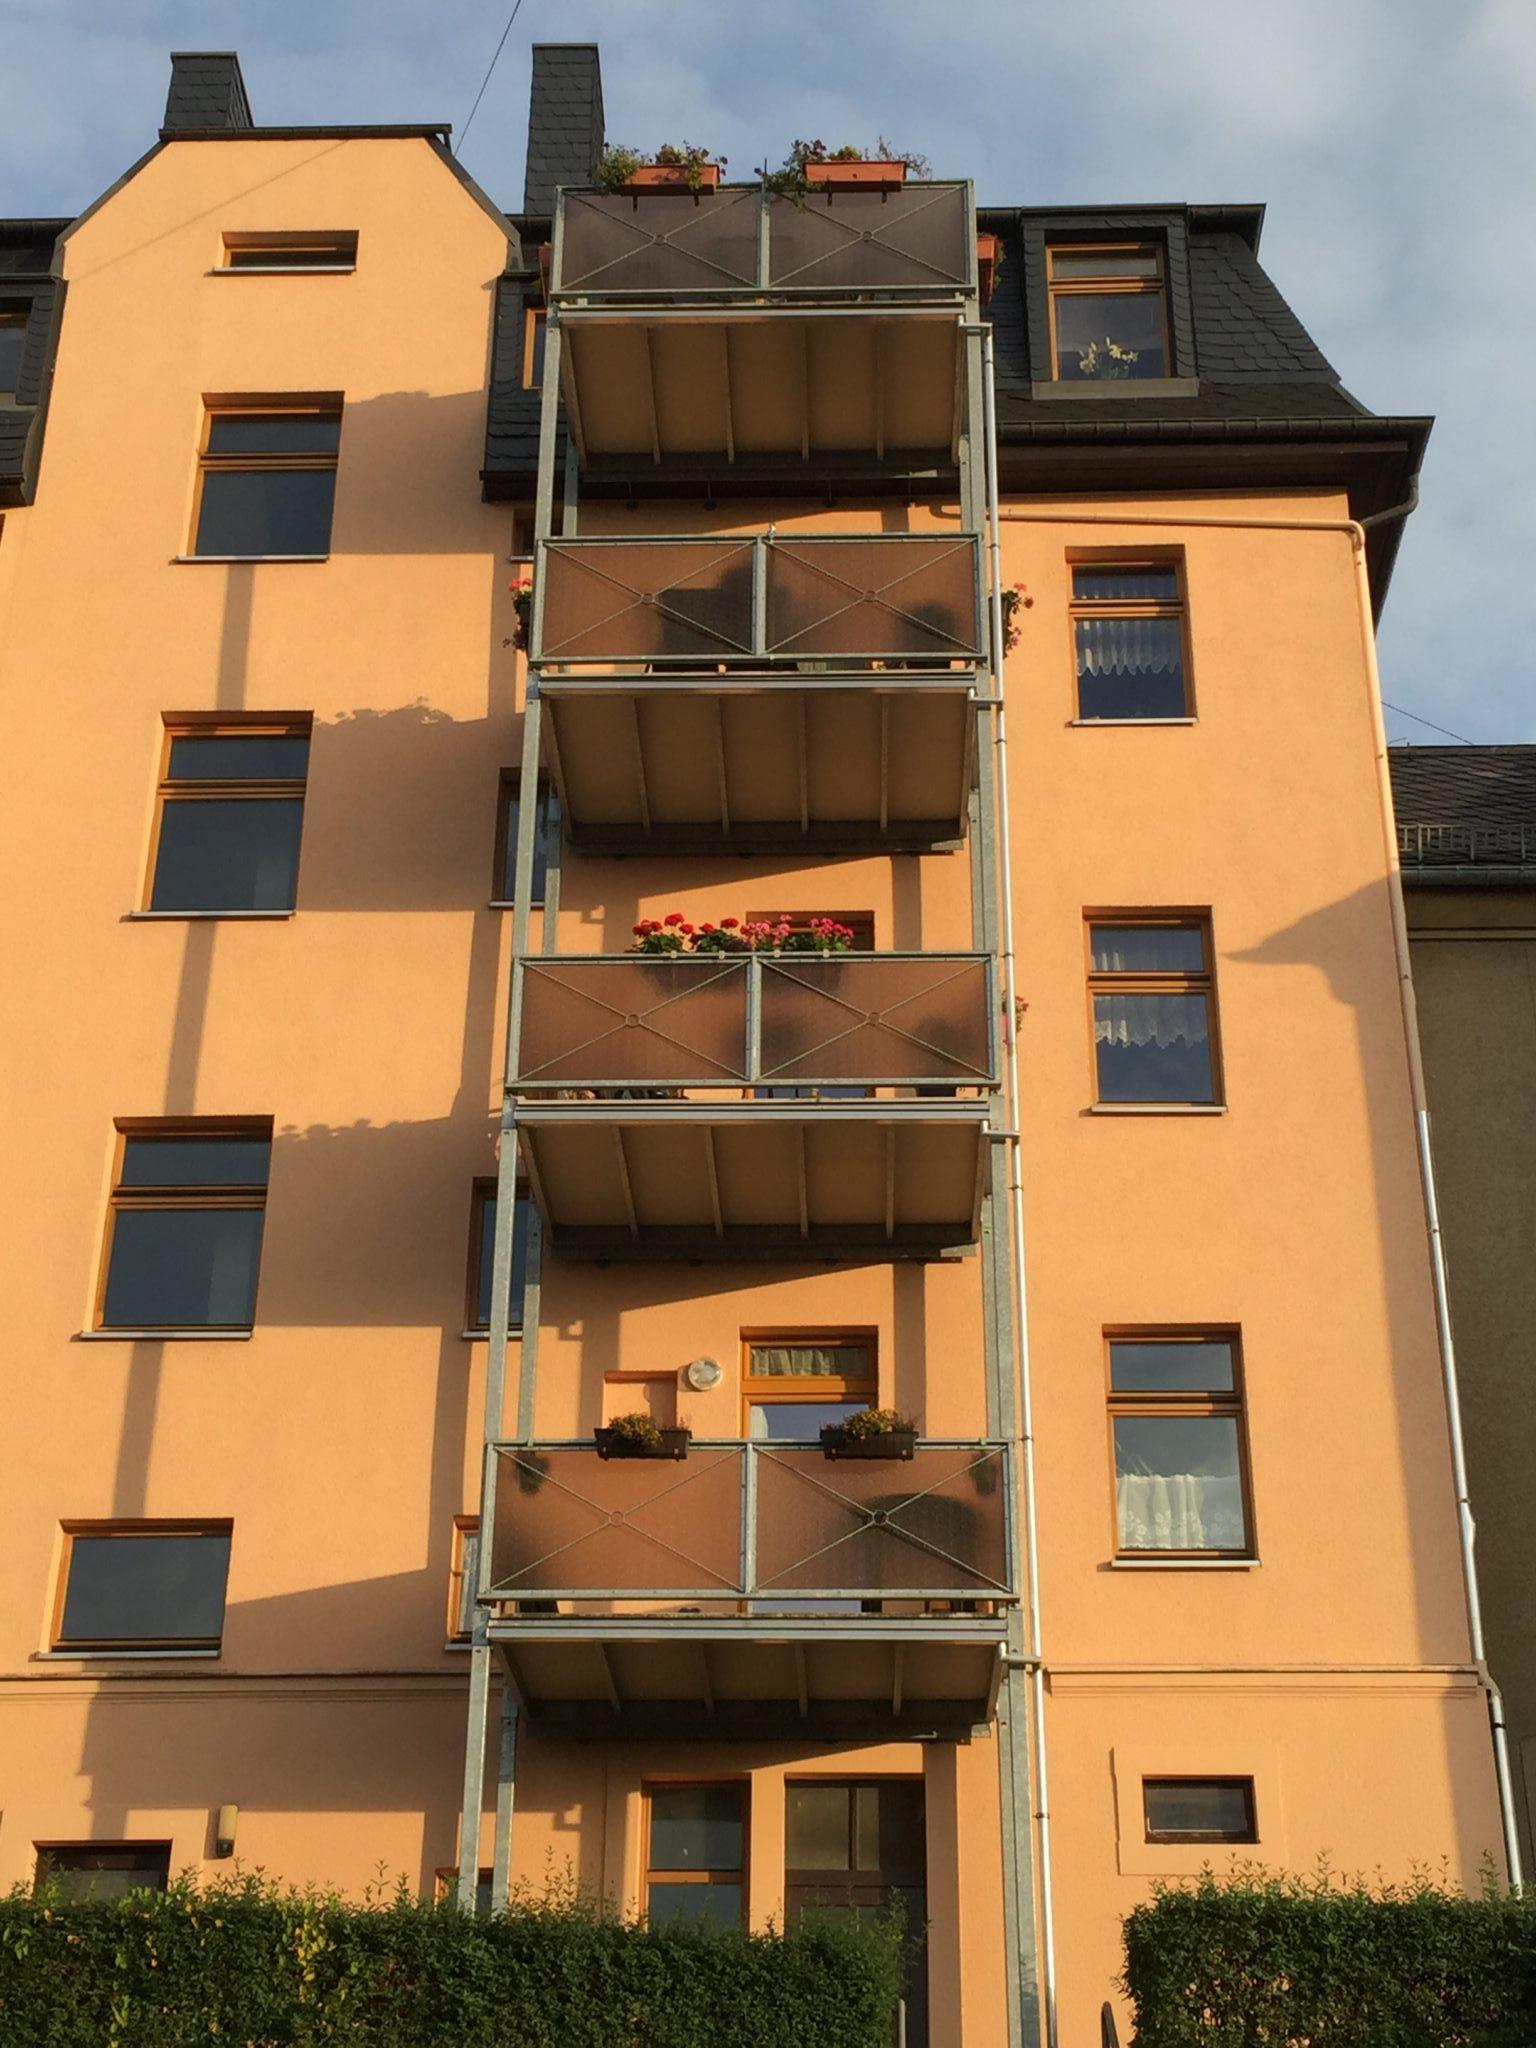 Balkons einer Wohnanlage